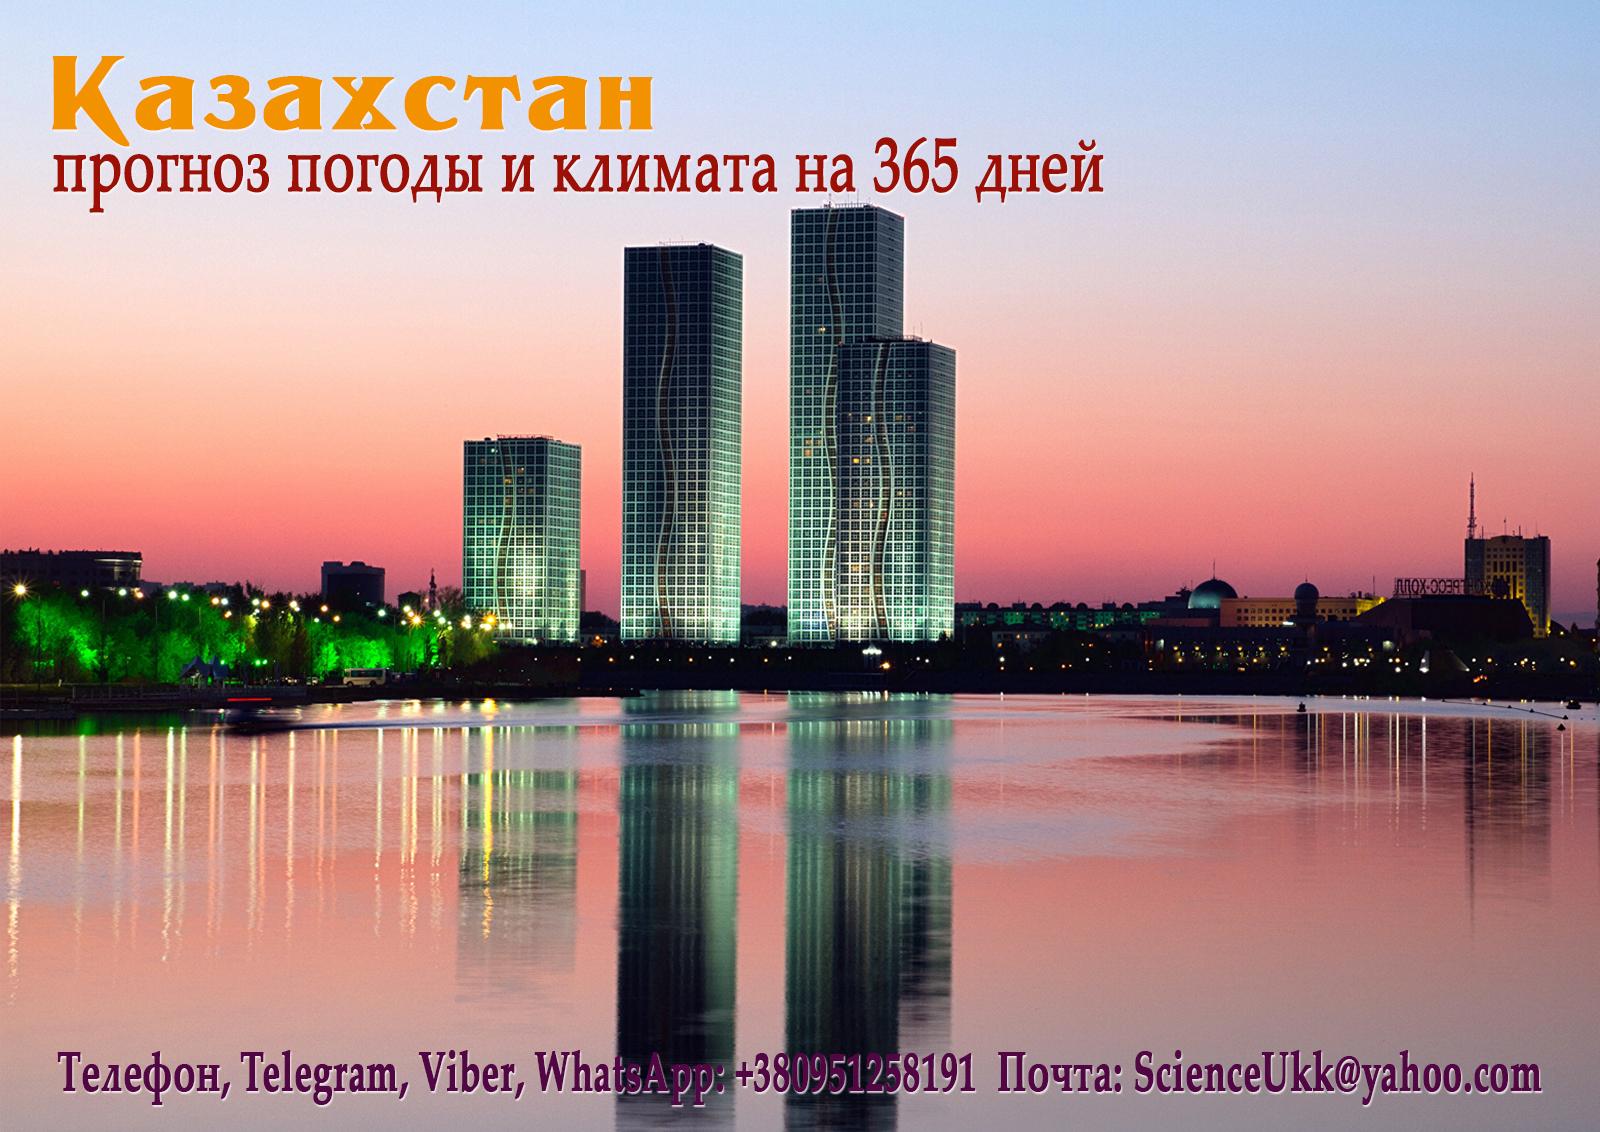 K.Vedomosti-Kazahstan-1600-2018.07.14-003